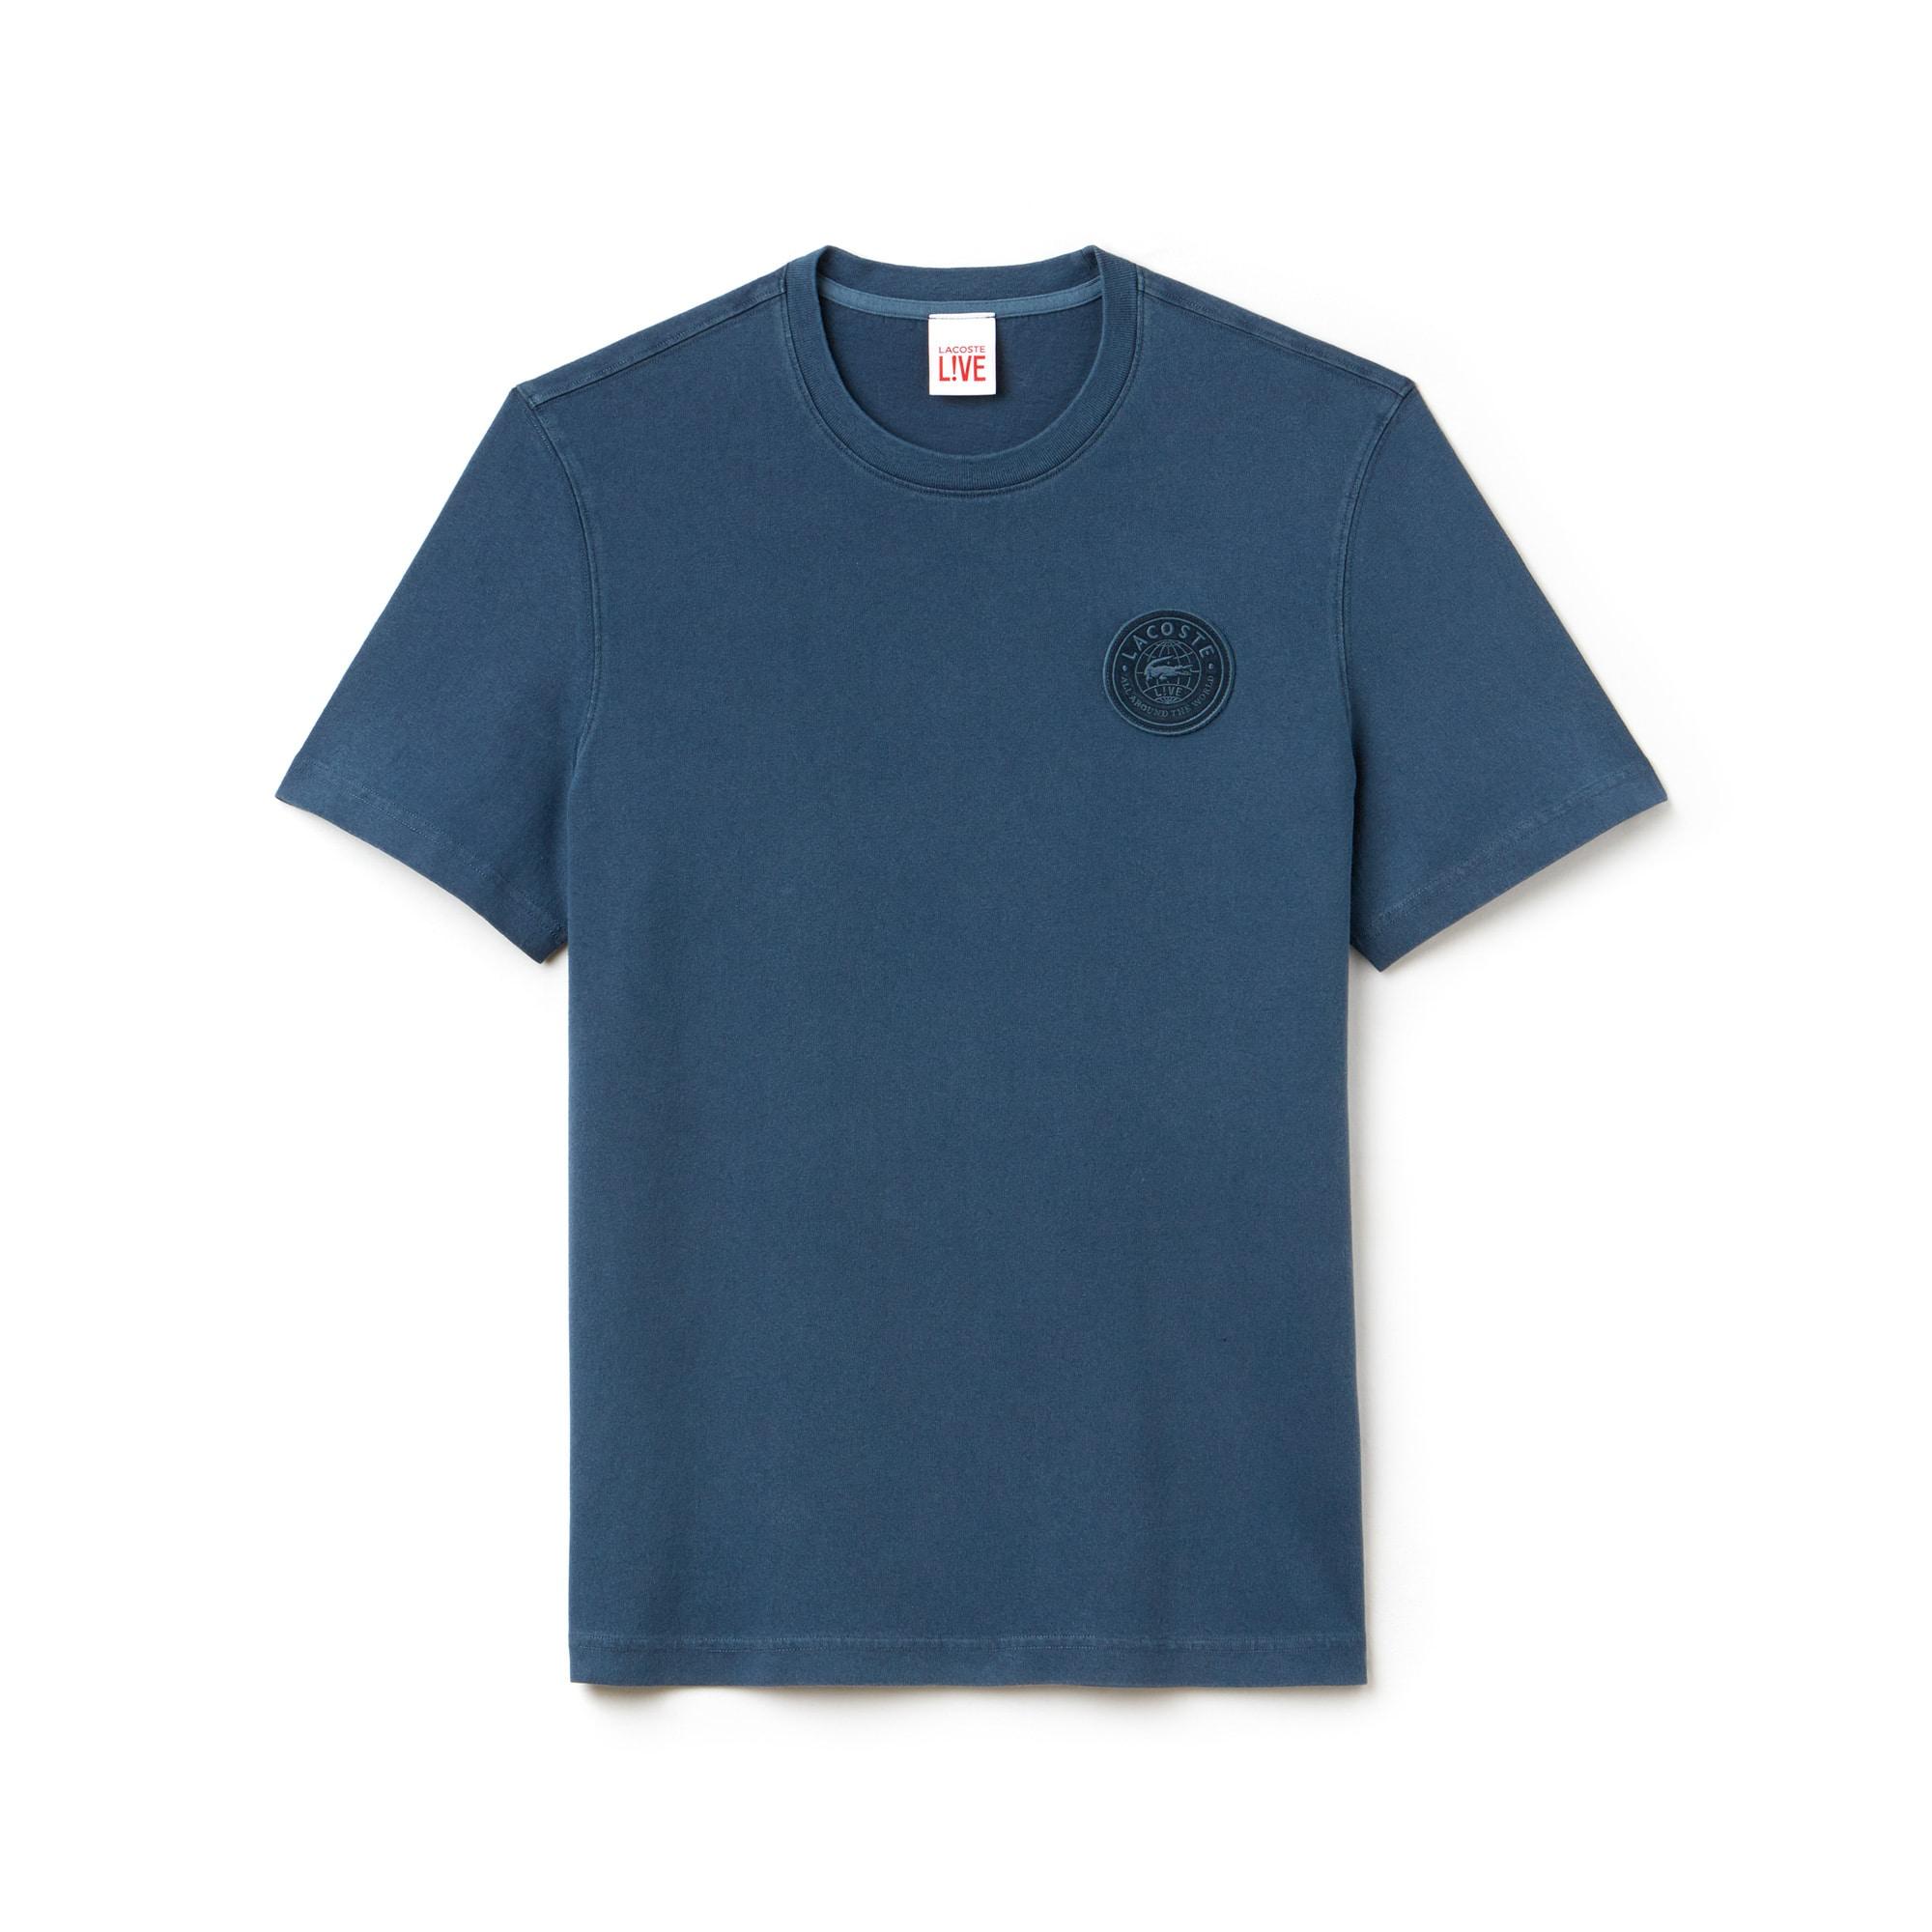 Camiseta de cuello redondo Lacoste LIVE de punto jersey deslavado con insignia